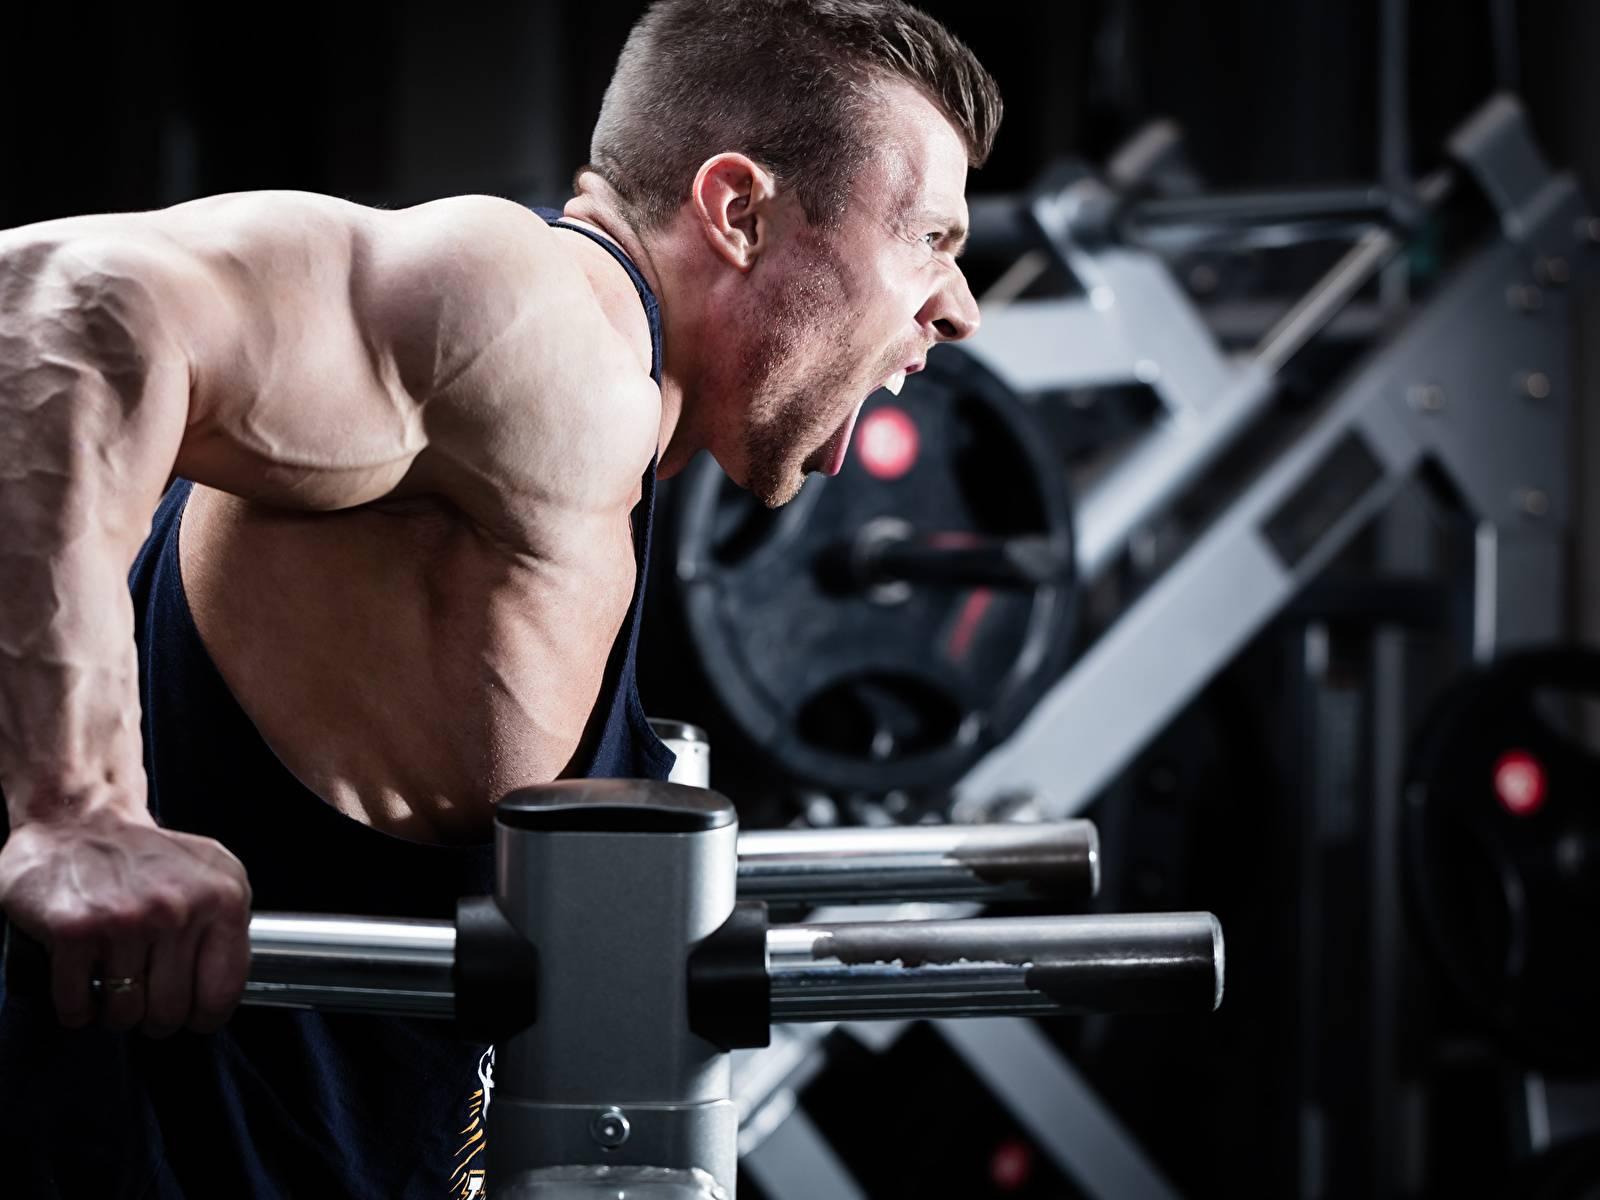 Сколько зарабатывает фитнес-тренер, чем занимается, как им стать